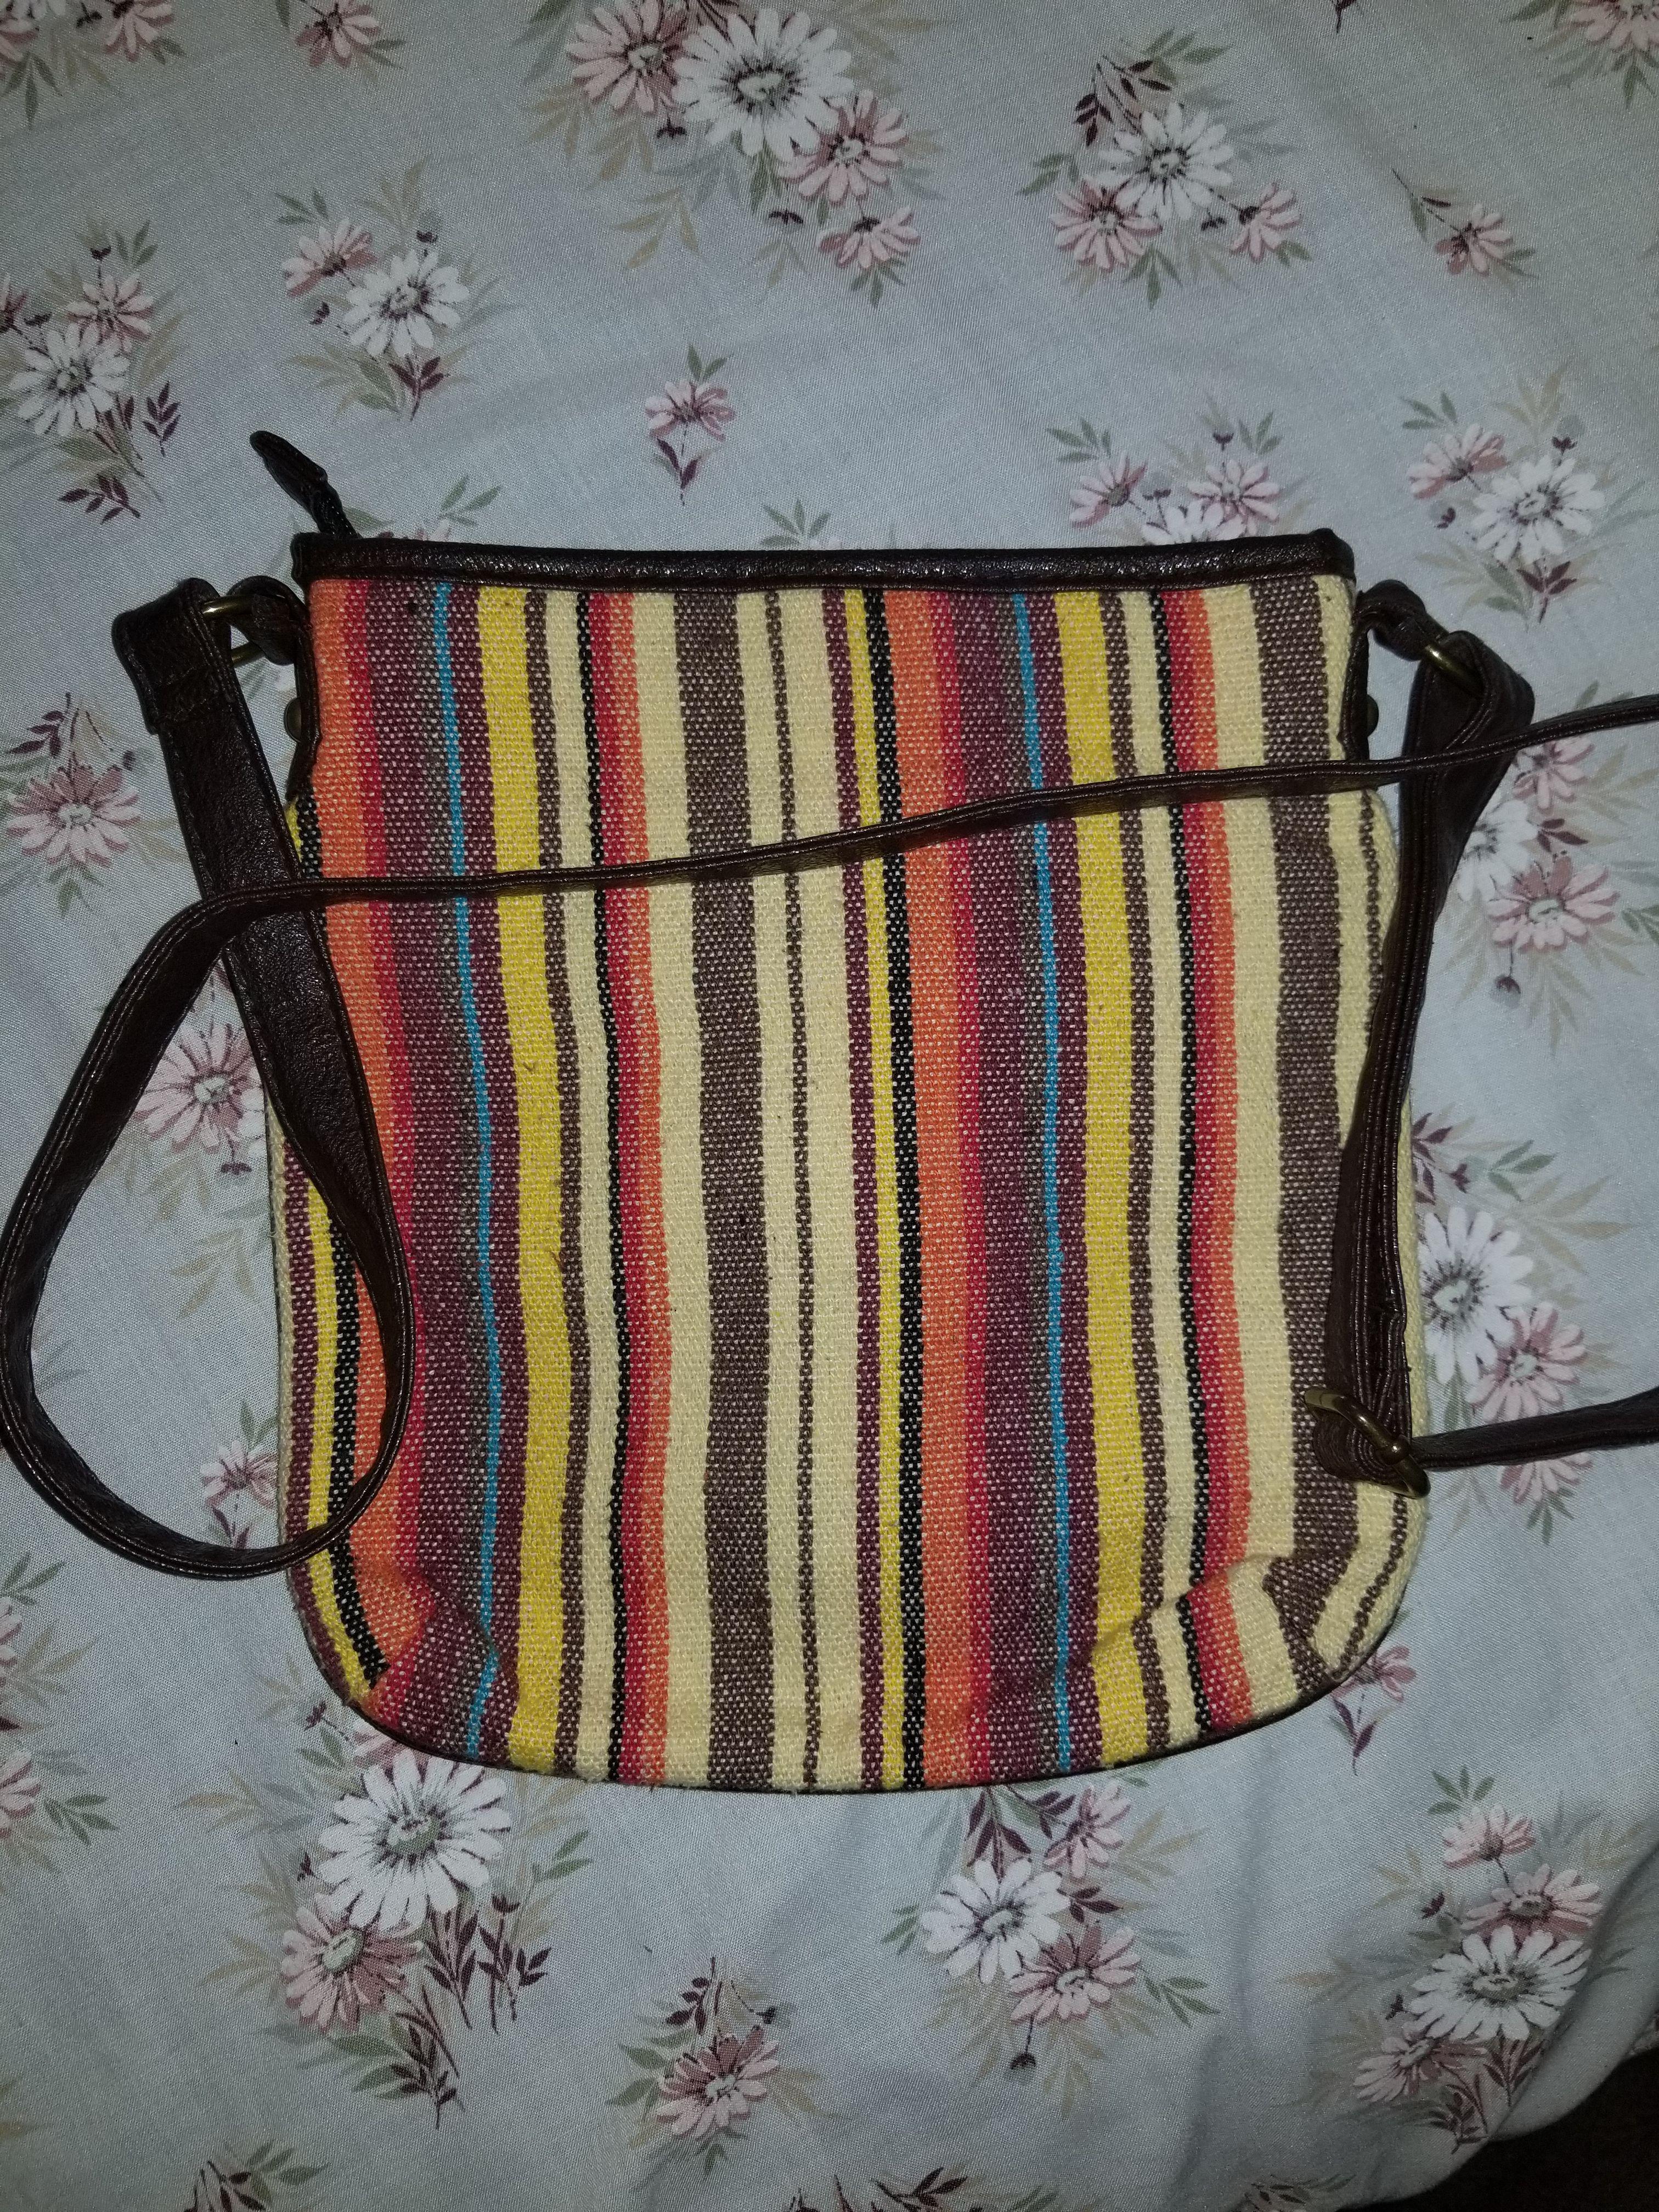 Bodycross bag